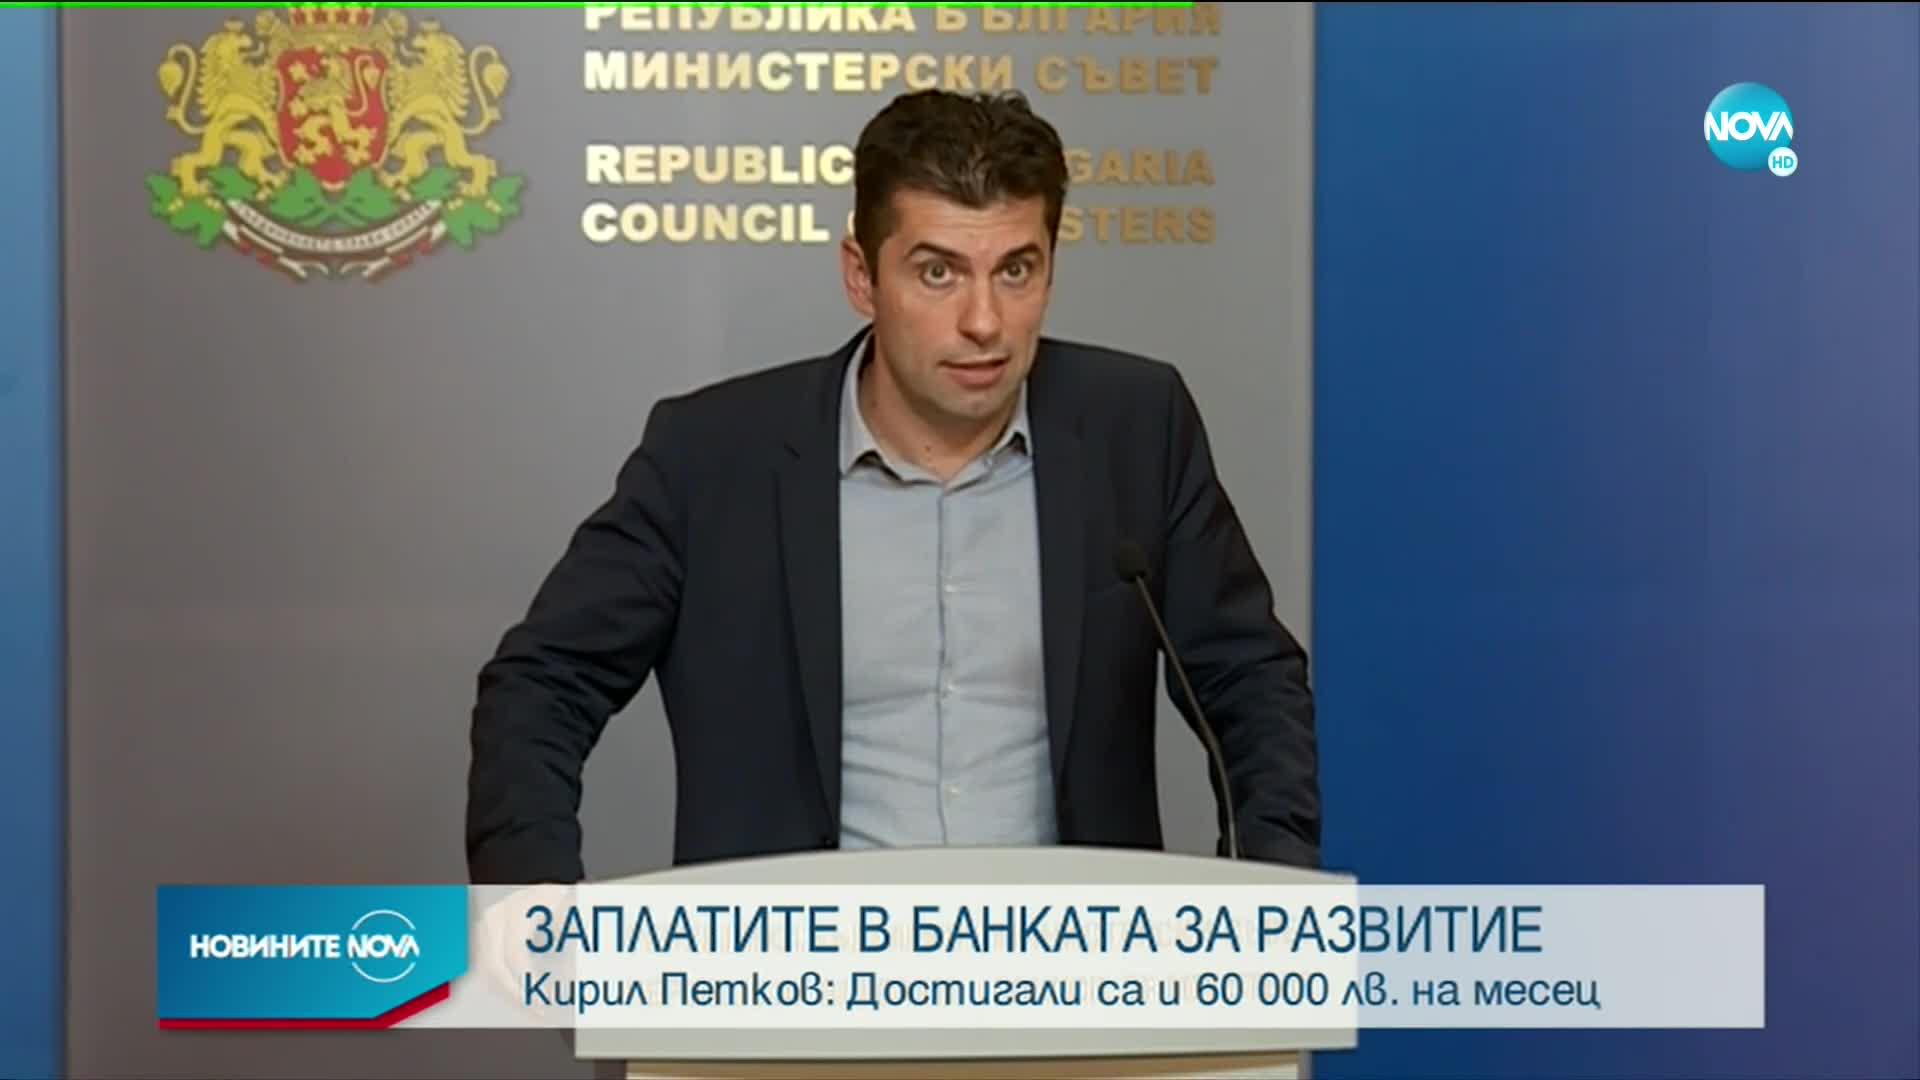 Икономическият министър: По 60 000 лв. месечно взимали бившите управители на ББР